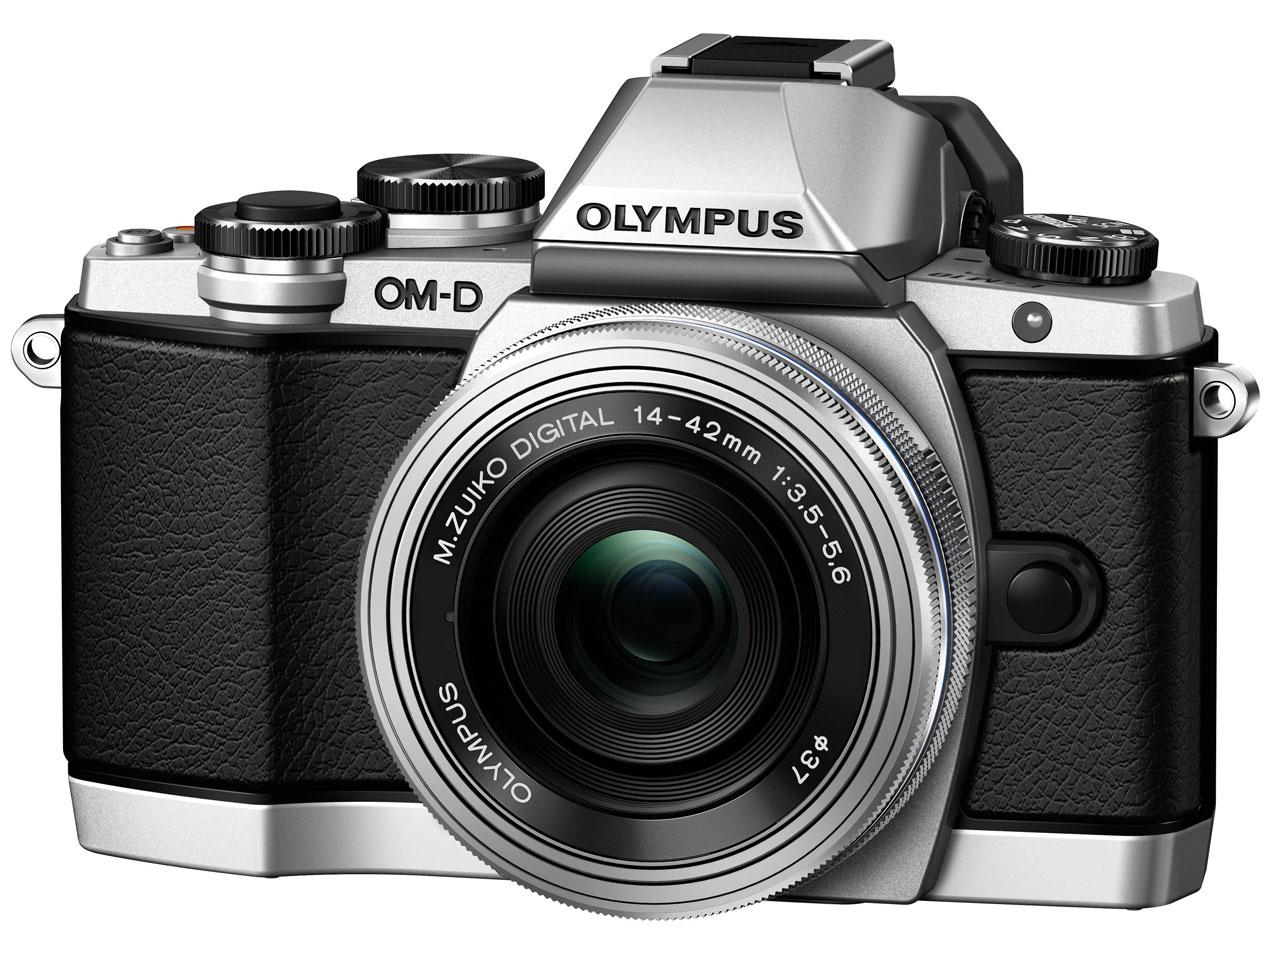 OLYMPUS OM-D E-M10 14-42mm EZ レンズキット [シルバー]